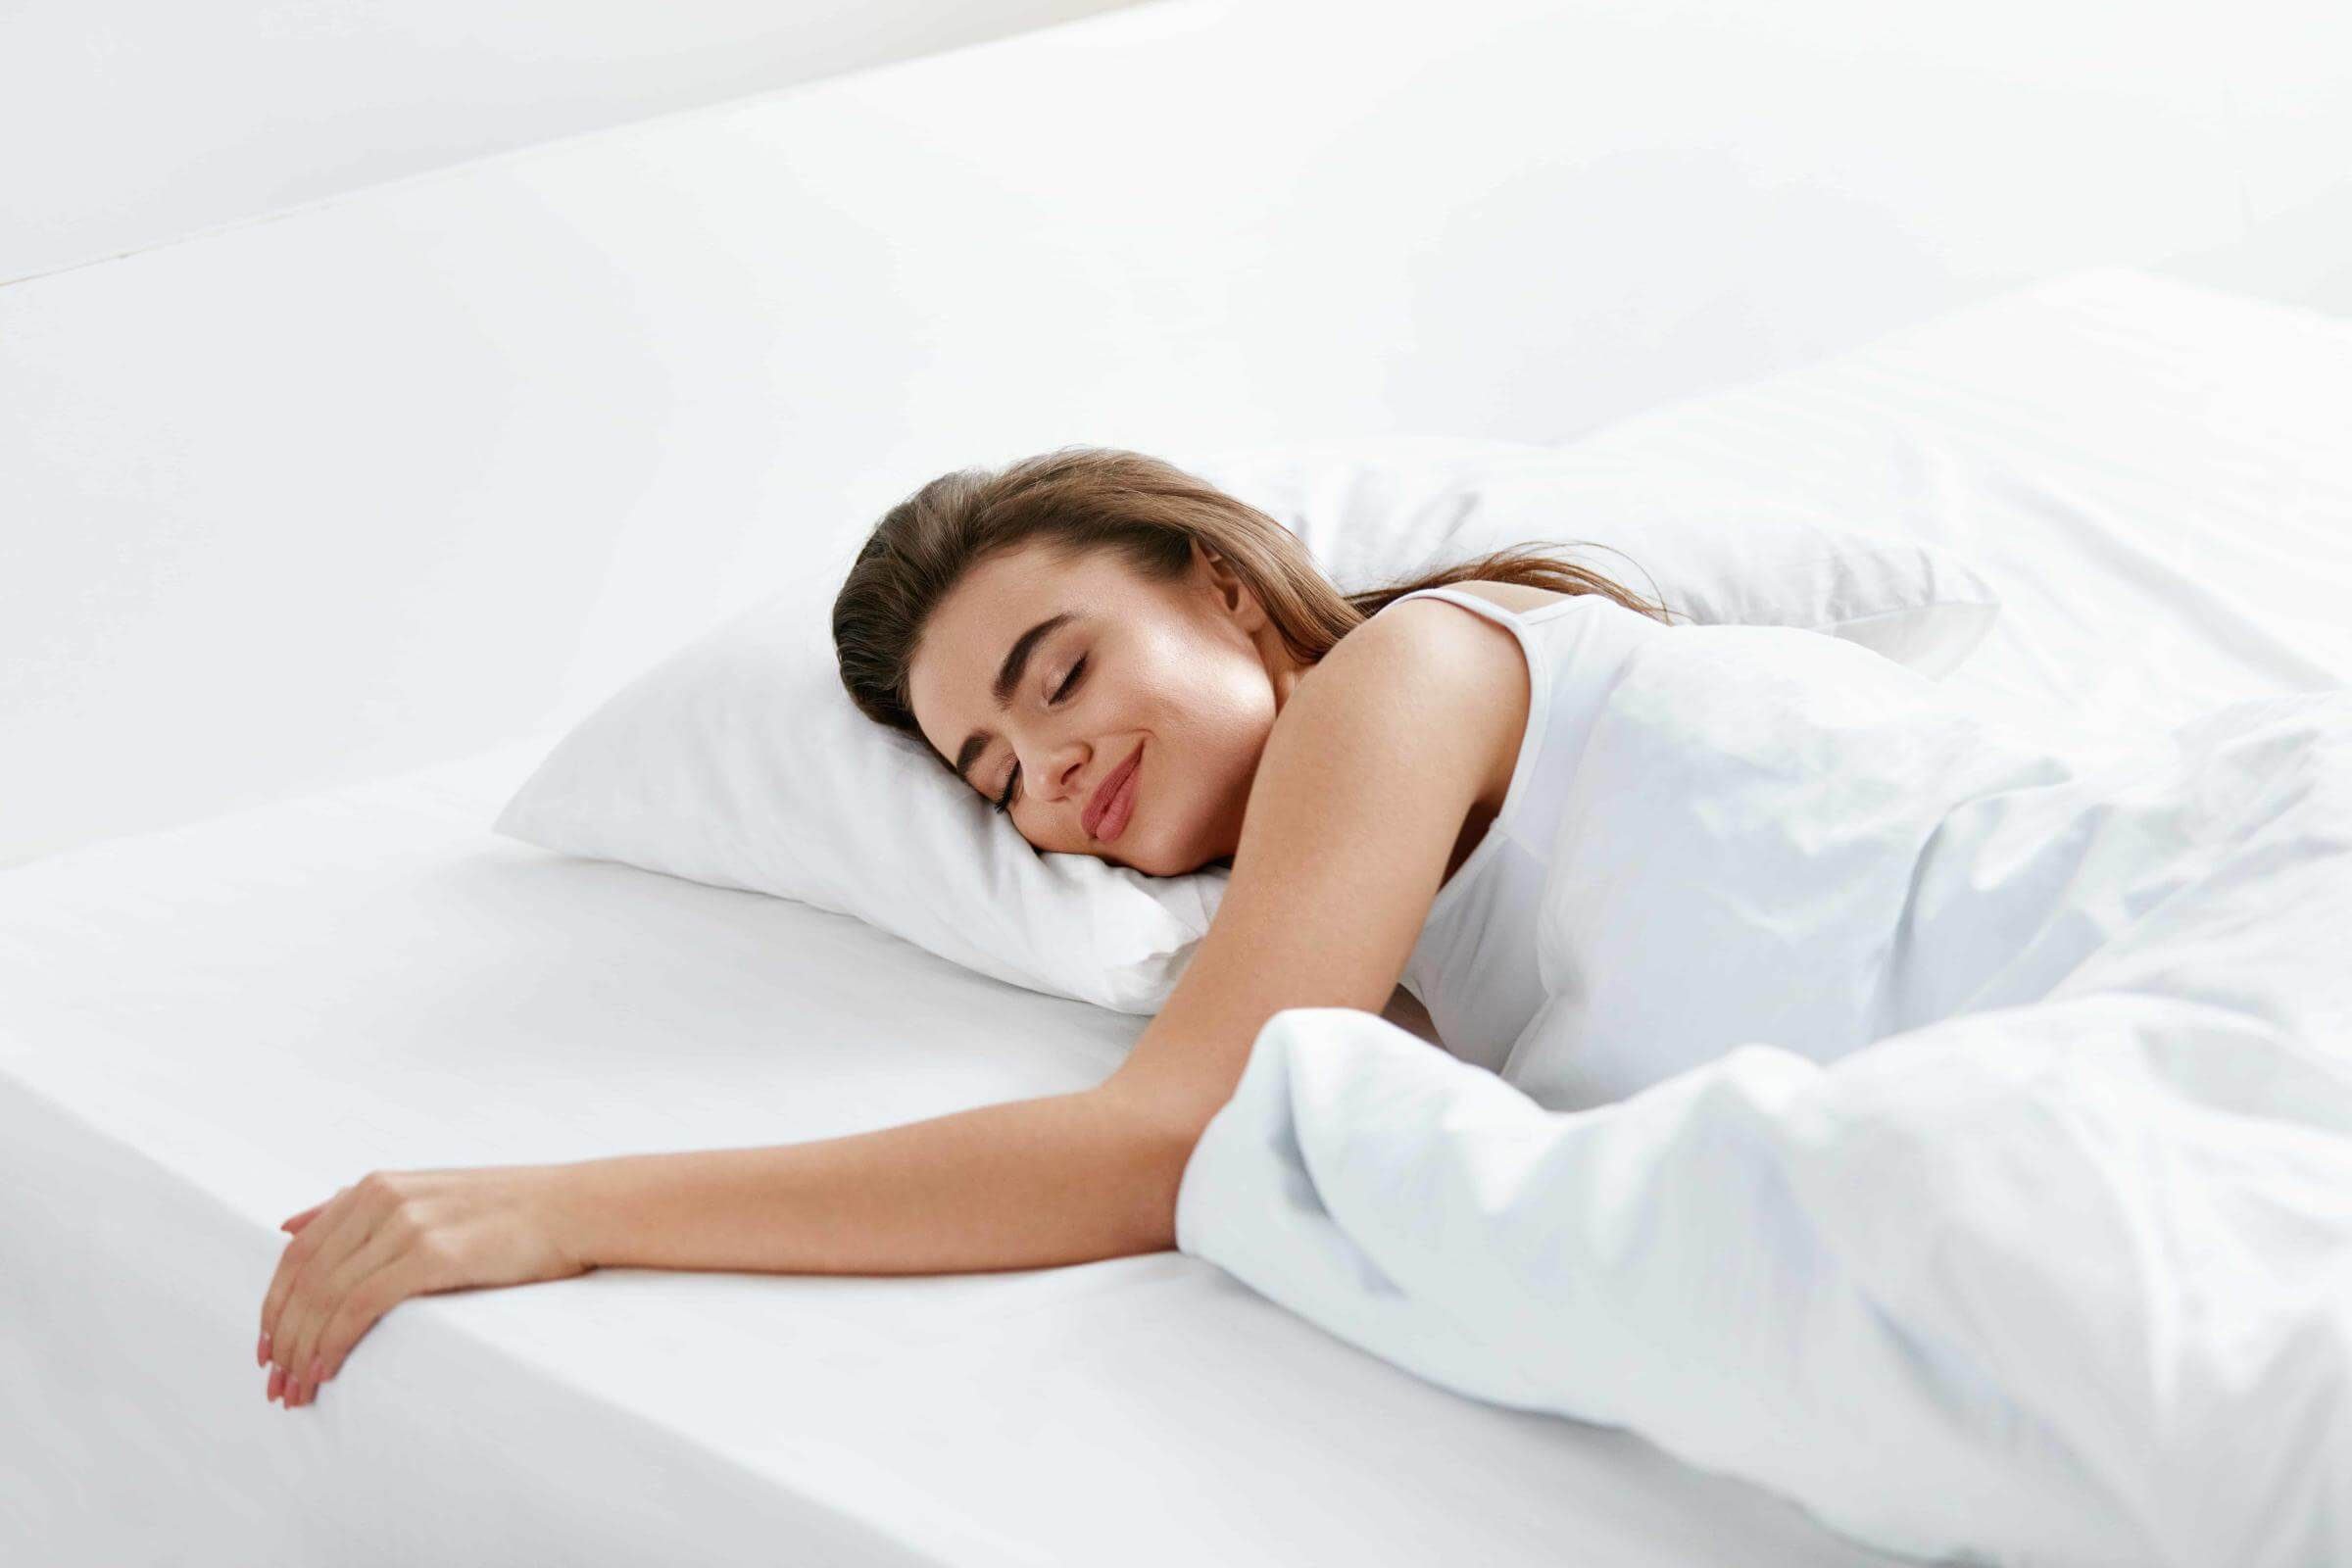 ویژگی های تشک خواب مناسب- خوابستان